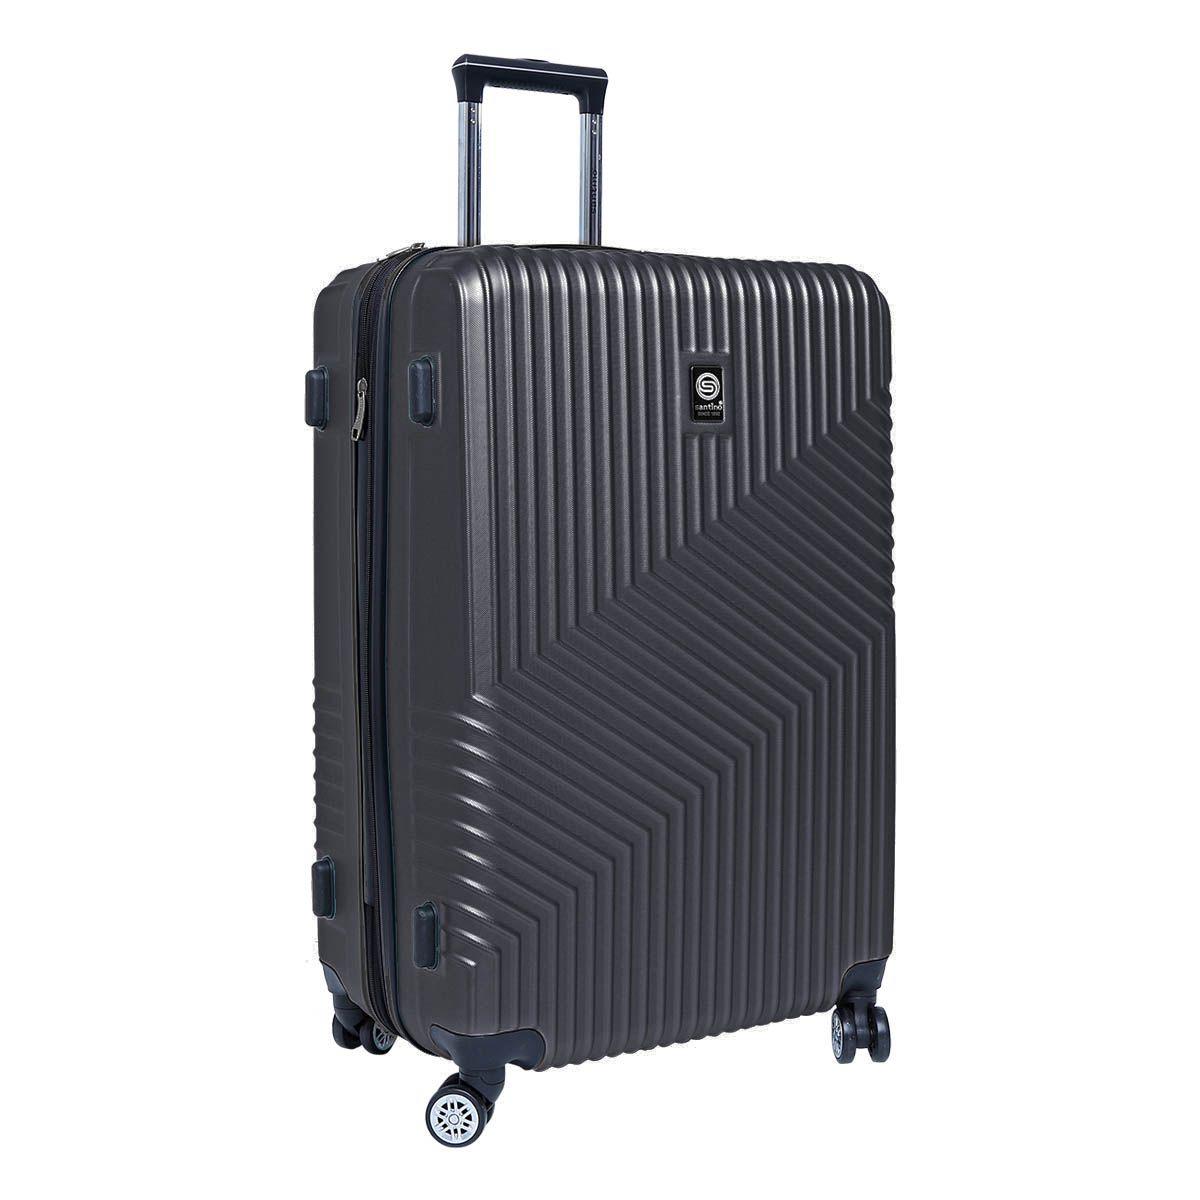 Mala de Viagem Rígida Média (23kg) em ABS com Rodas Duplas 360º e TSA - Geometric - Santino